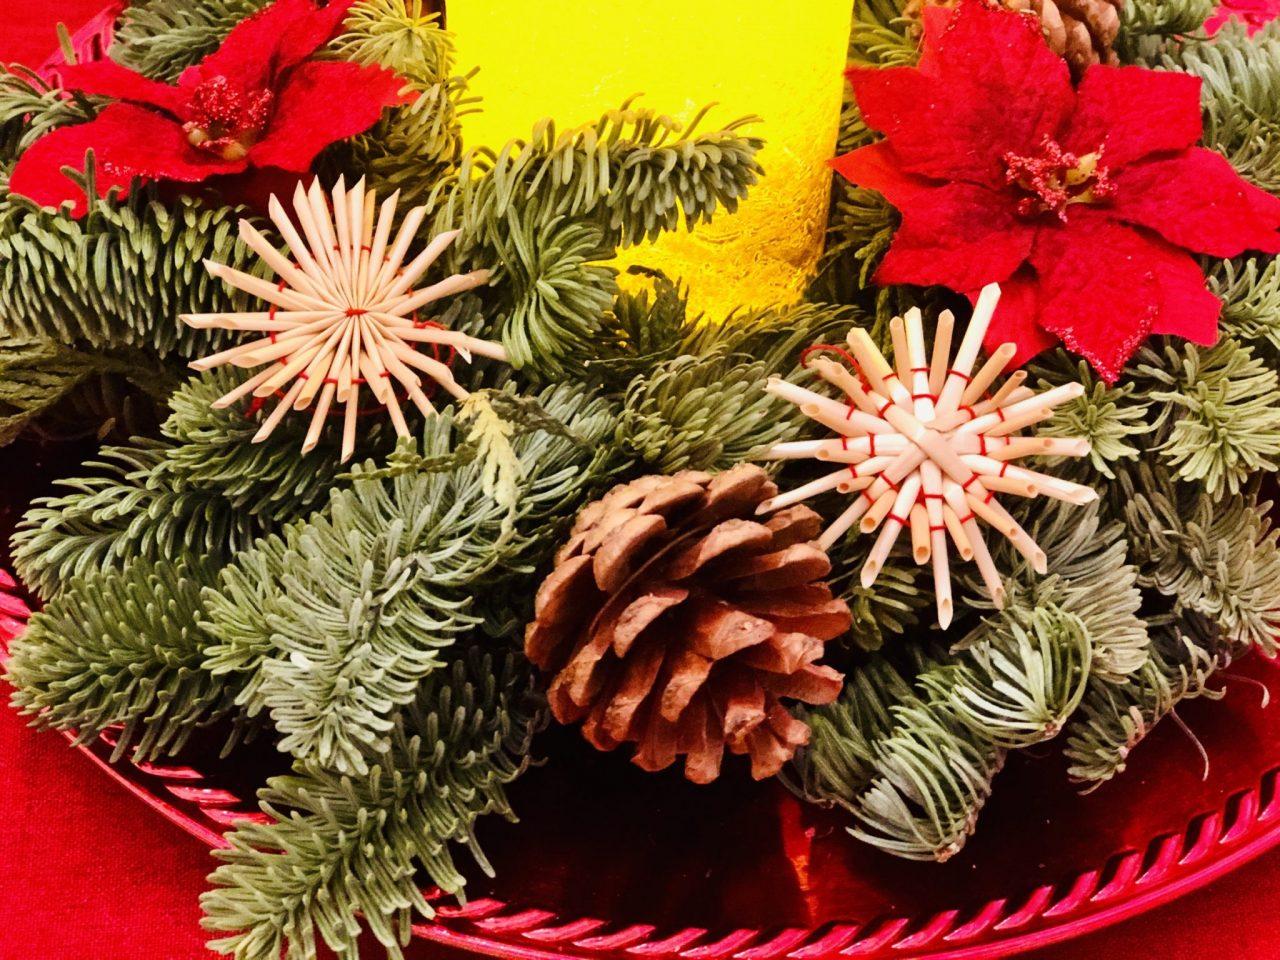 Straw star, Christmas wreath